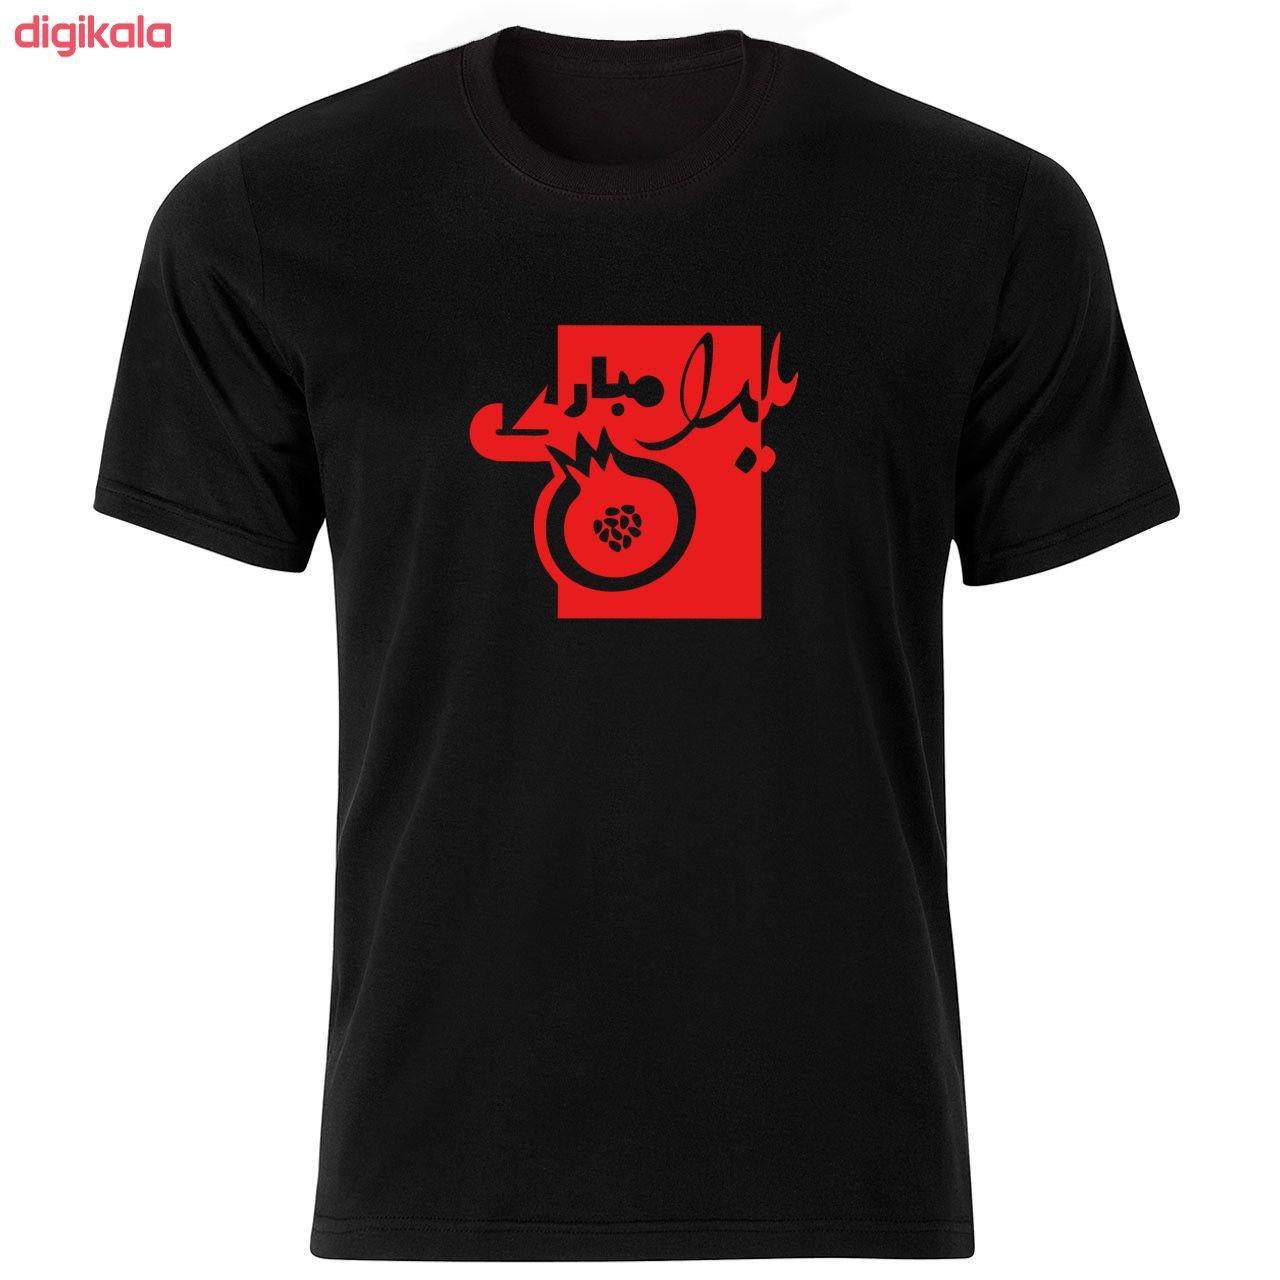 خرید اینترنتی با تخفیف ویژه تیشرت آستین کوتاه مردانه مدل یلدا مبارک کد 37329